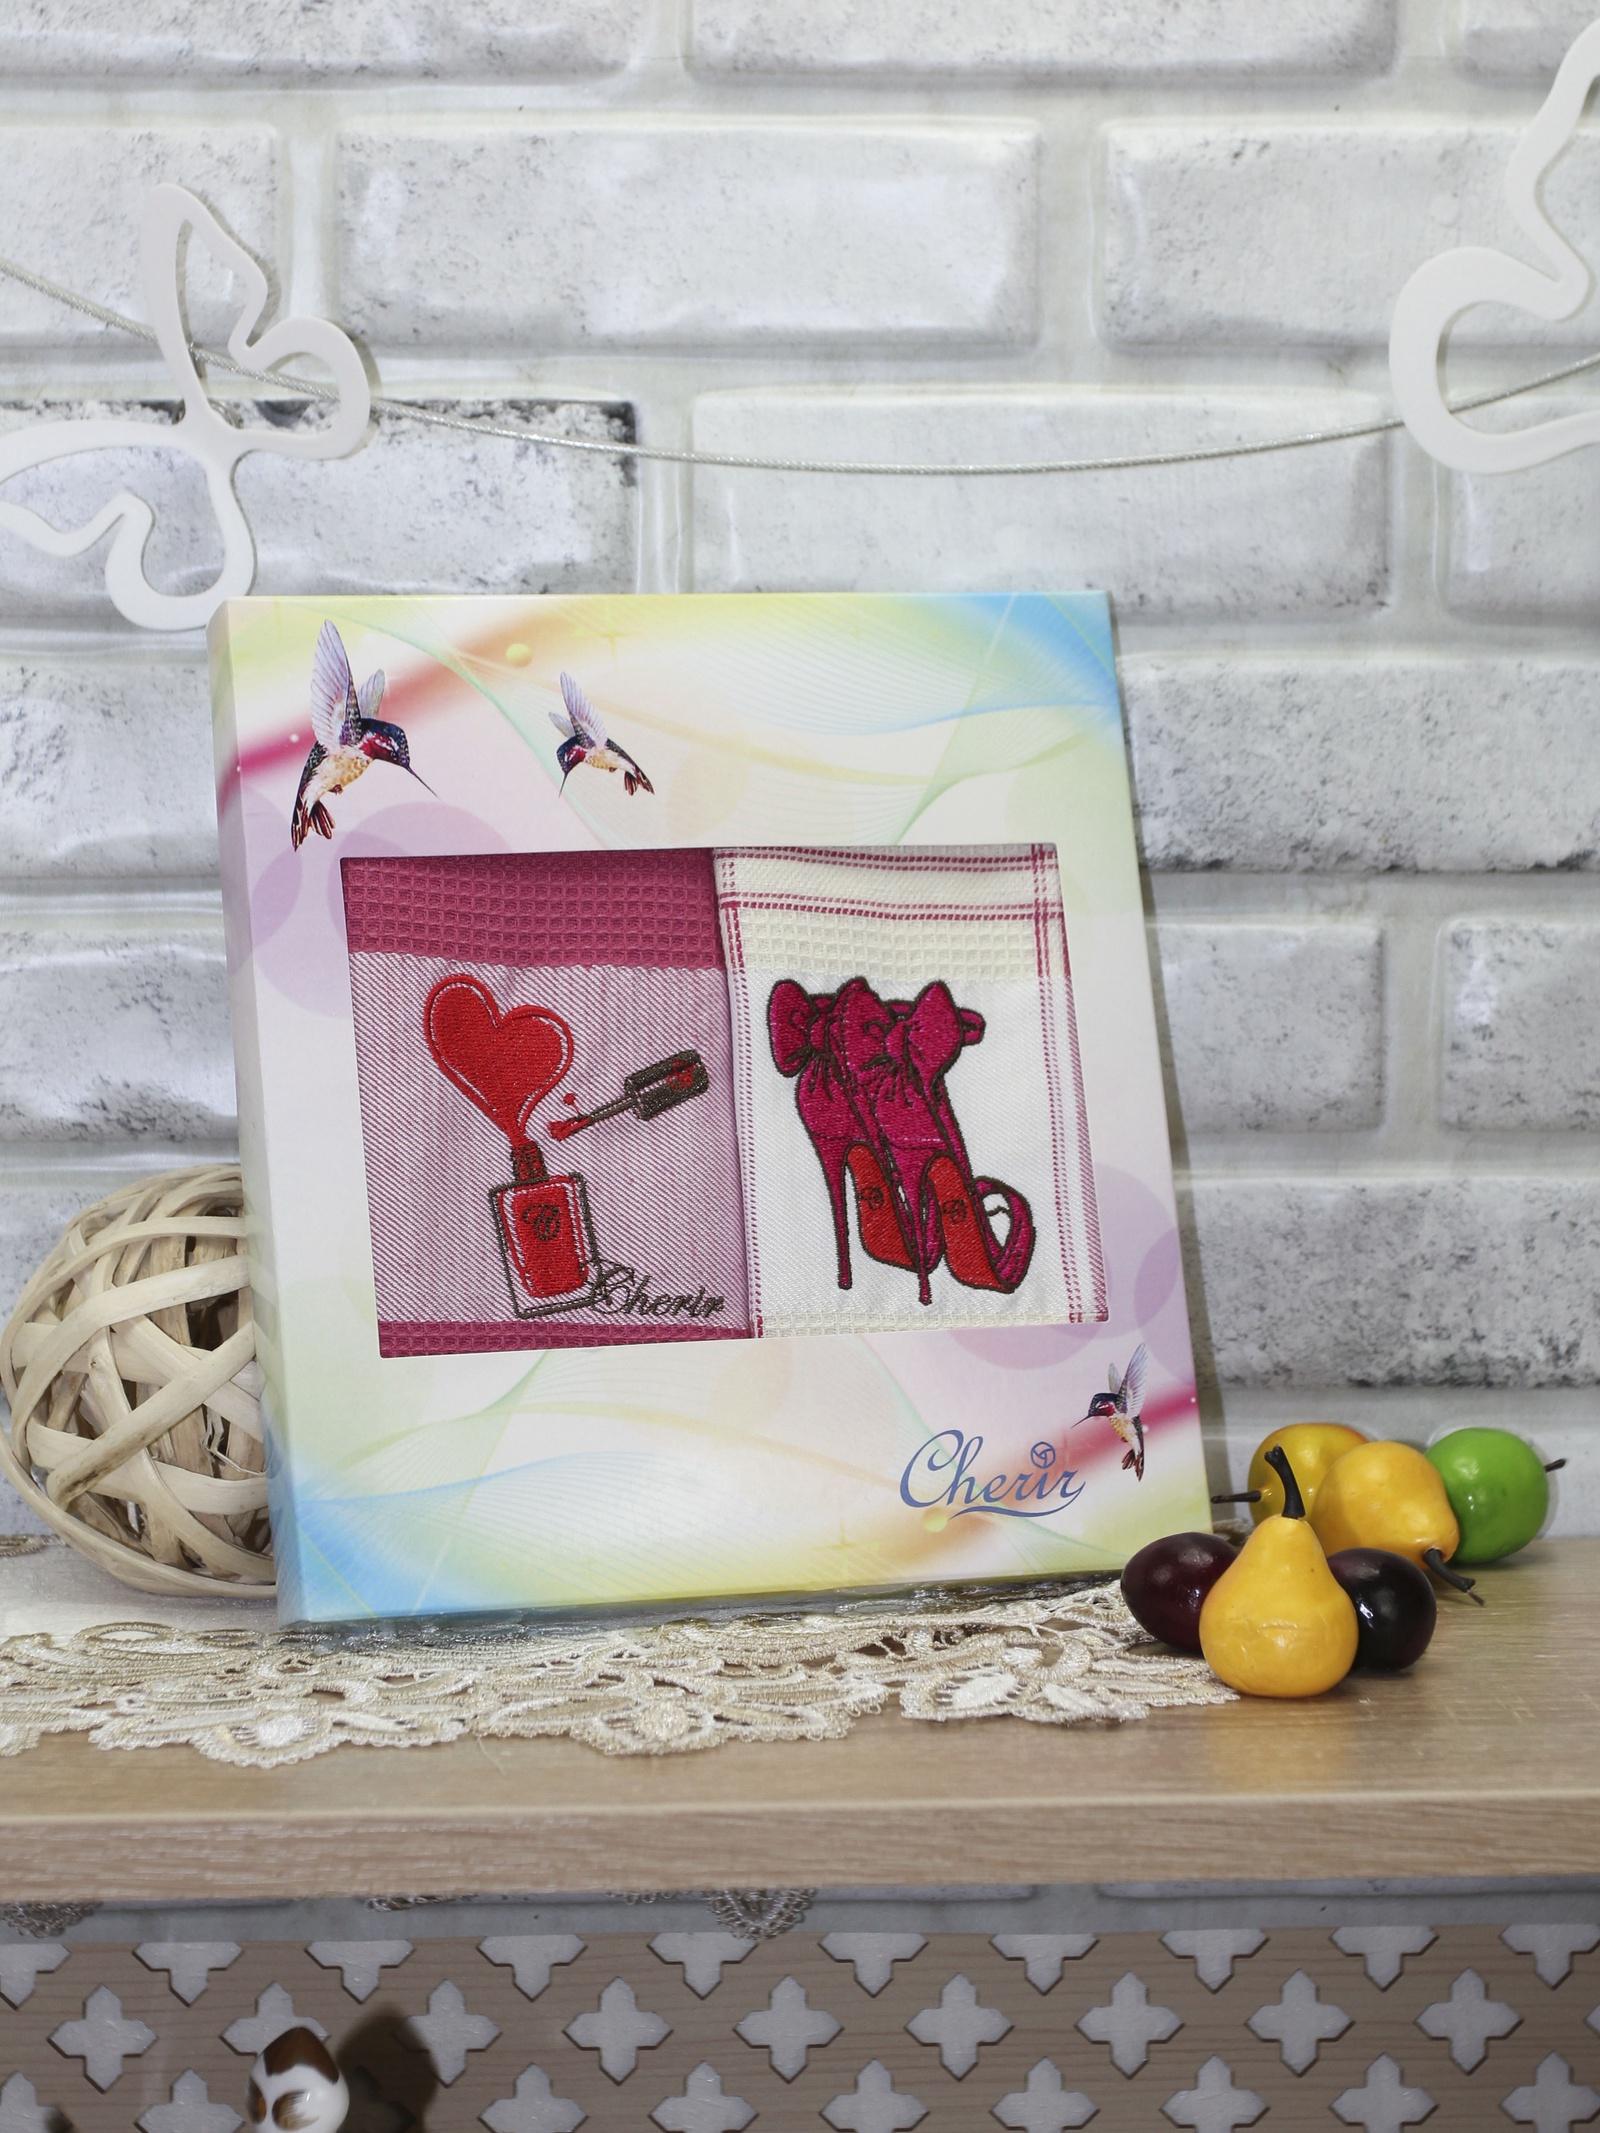 Комплект для кухни Cherir Набор полотенец, 4213062, красный4213062-3